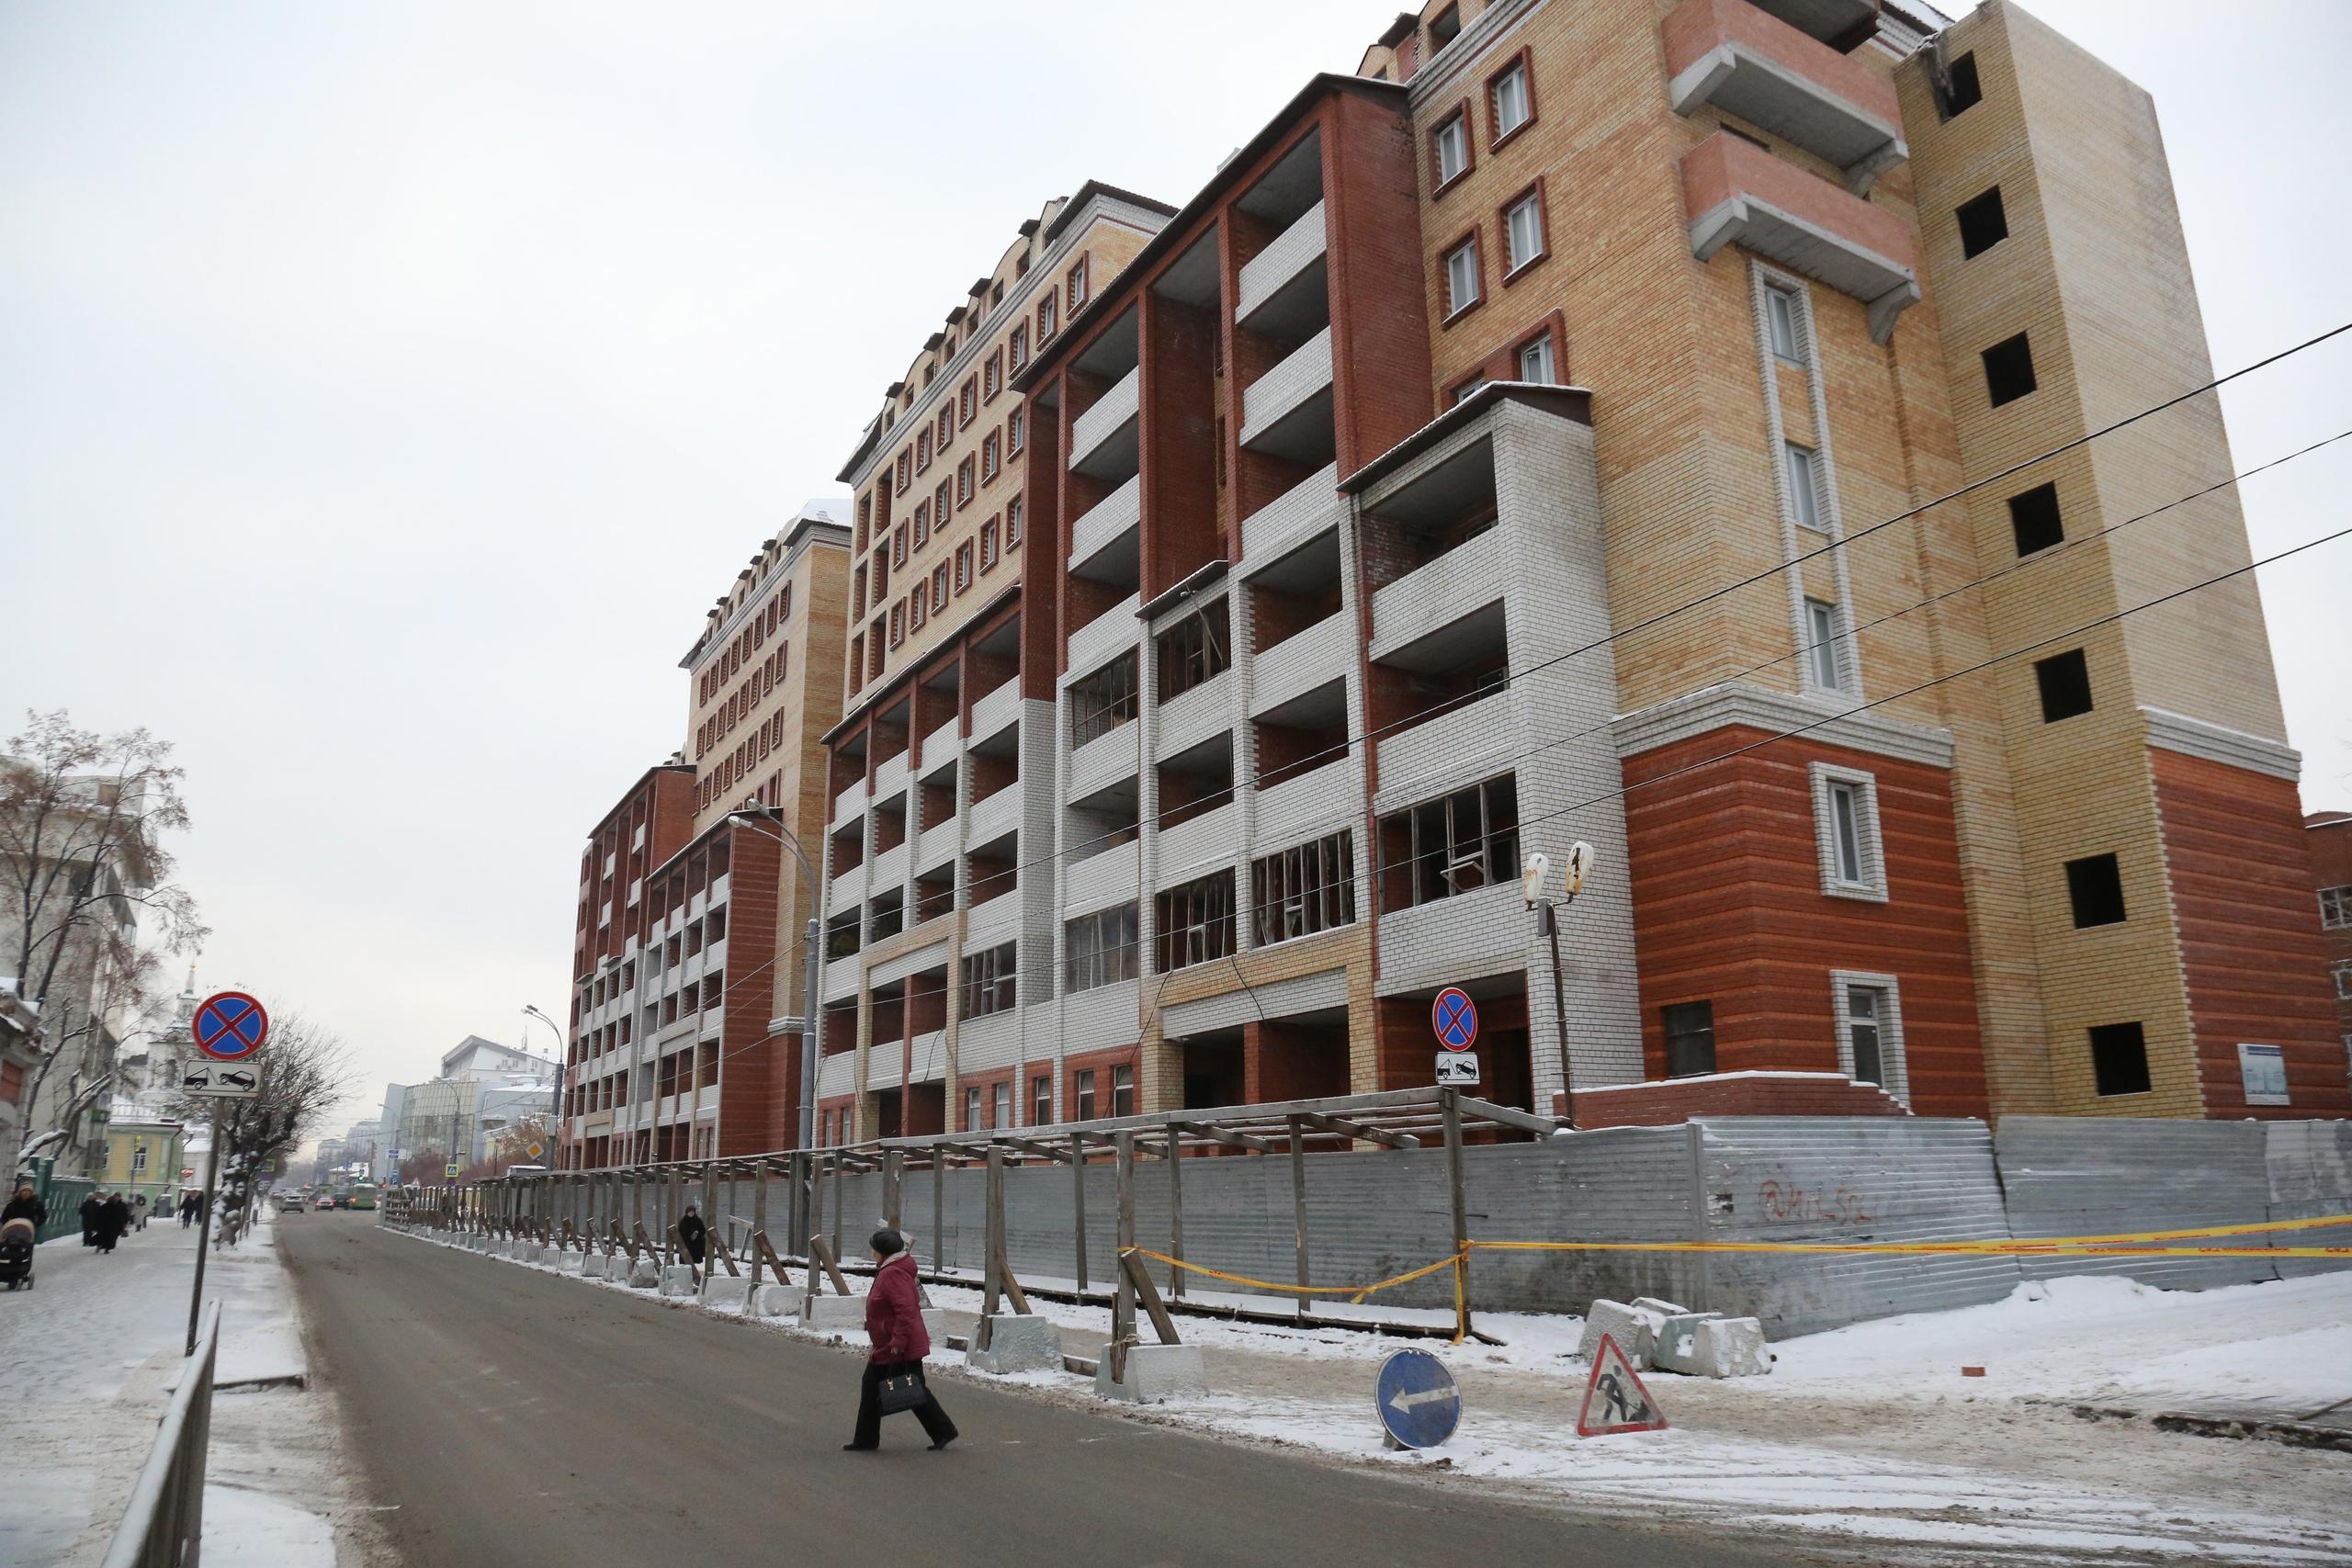 Снесенный дом, на месте которого будет располагаться сквер имени детского писателя